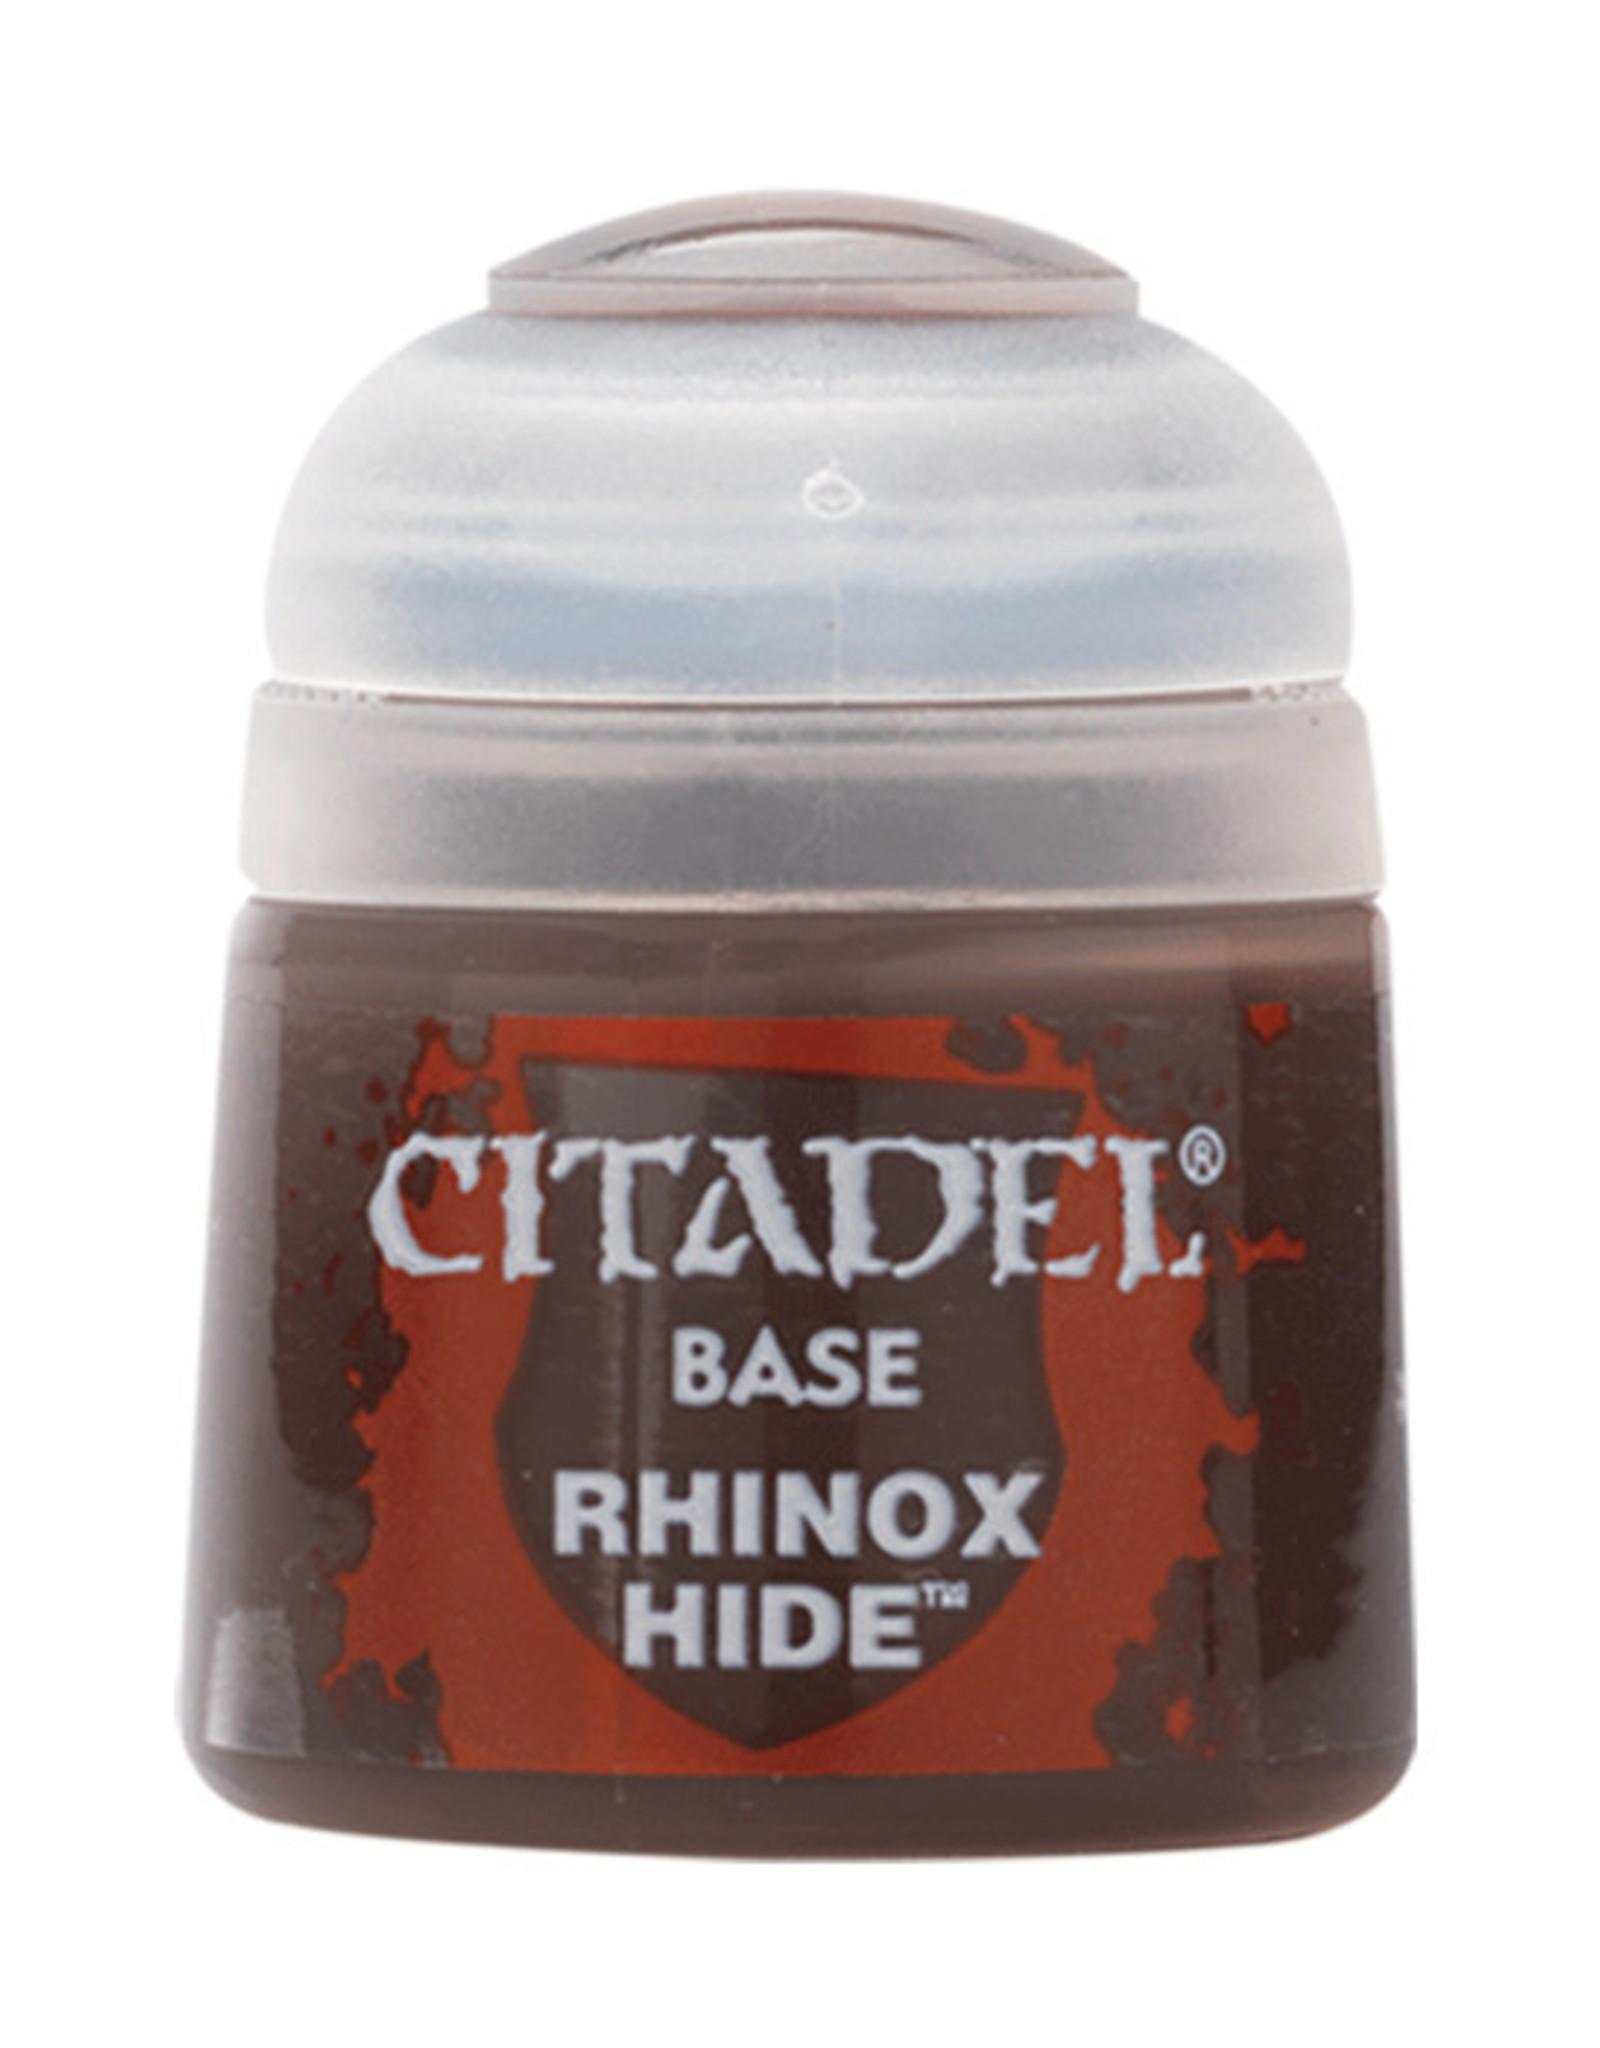 Citadel Citadel Colour: Base - Rhinox Hide